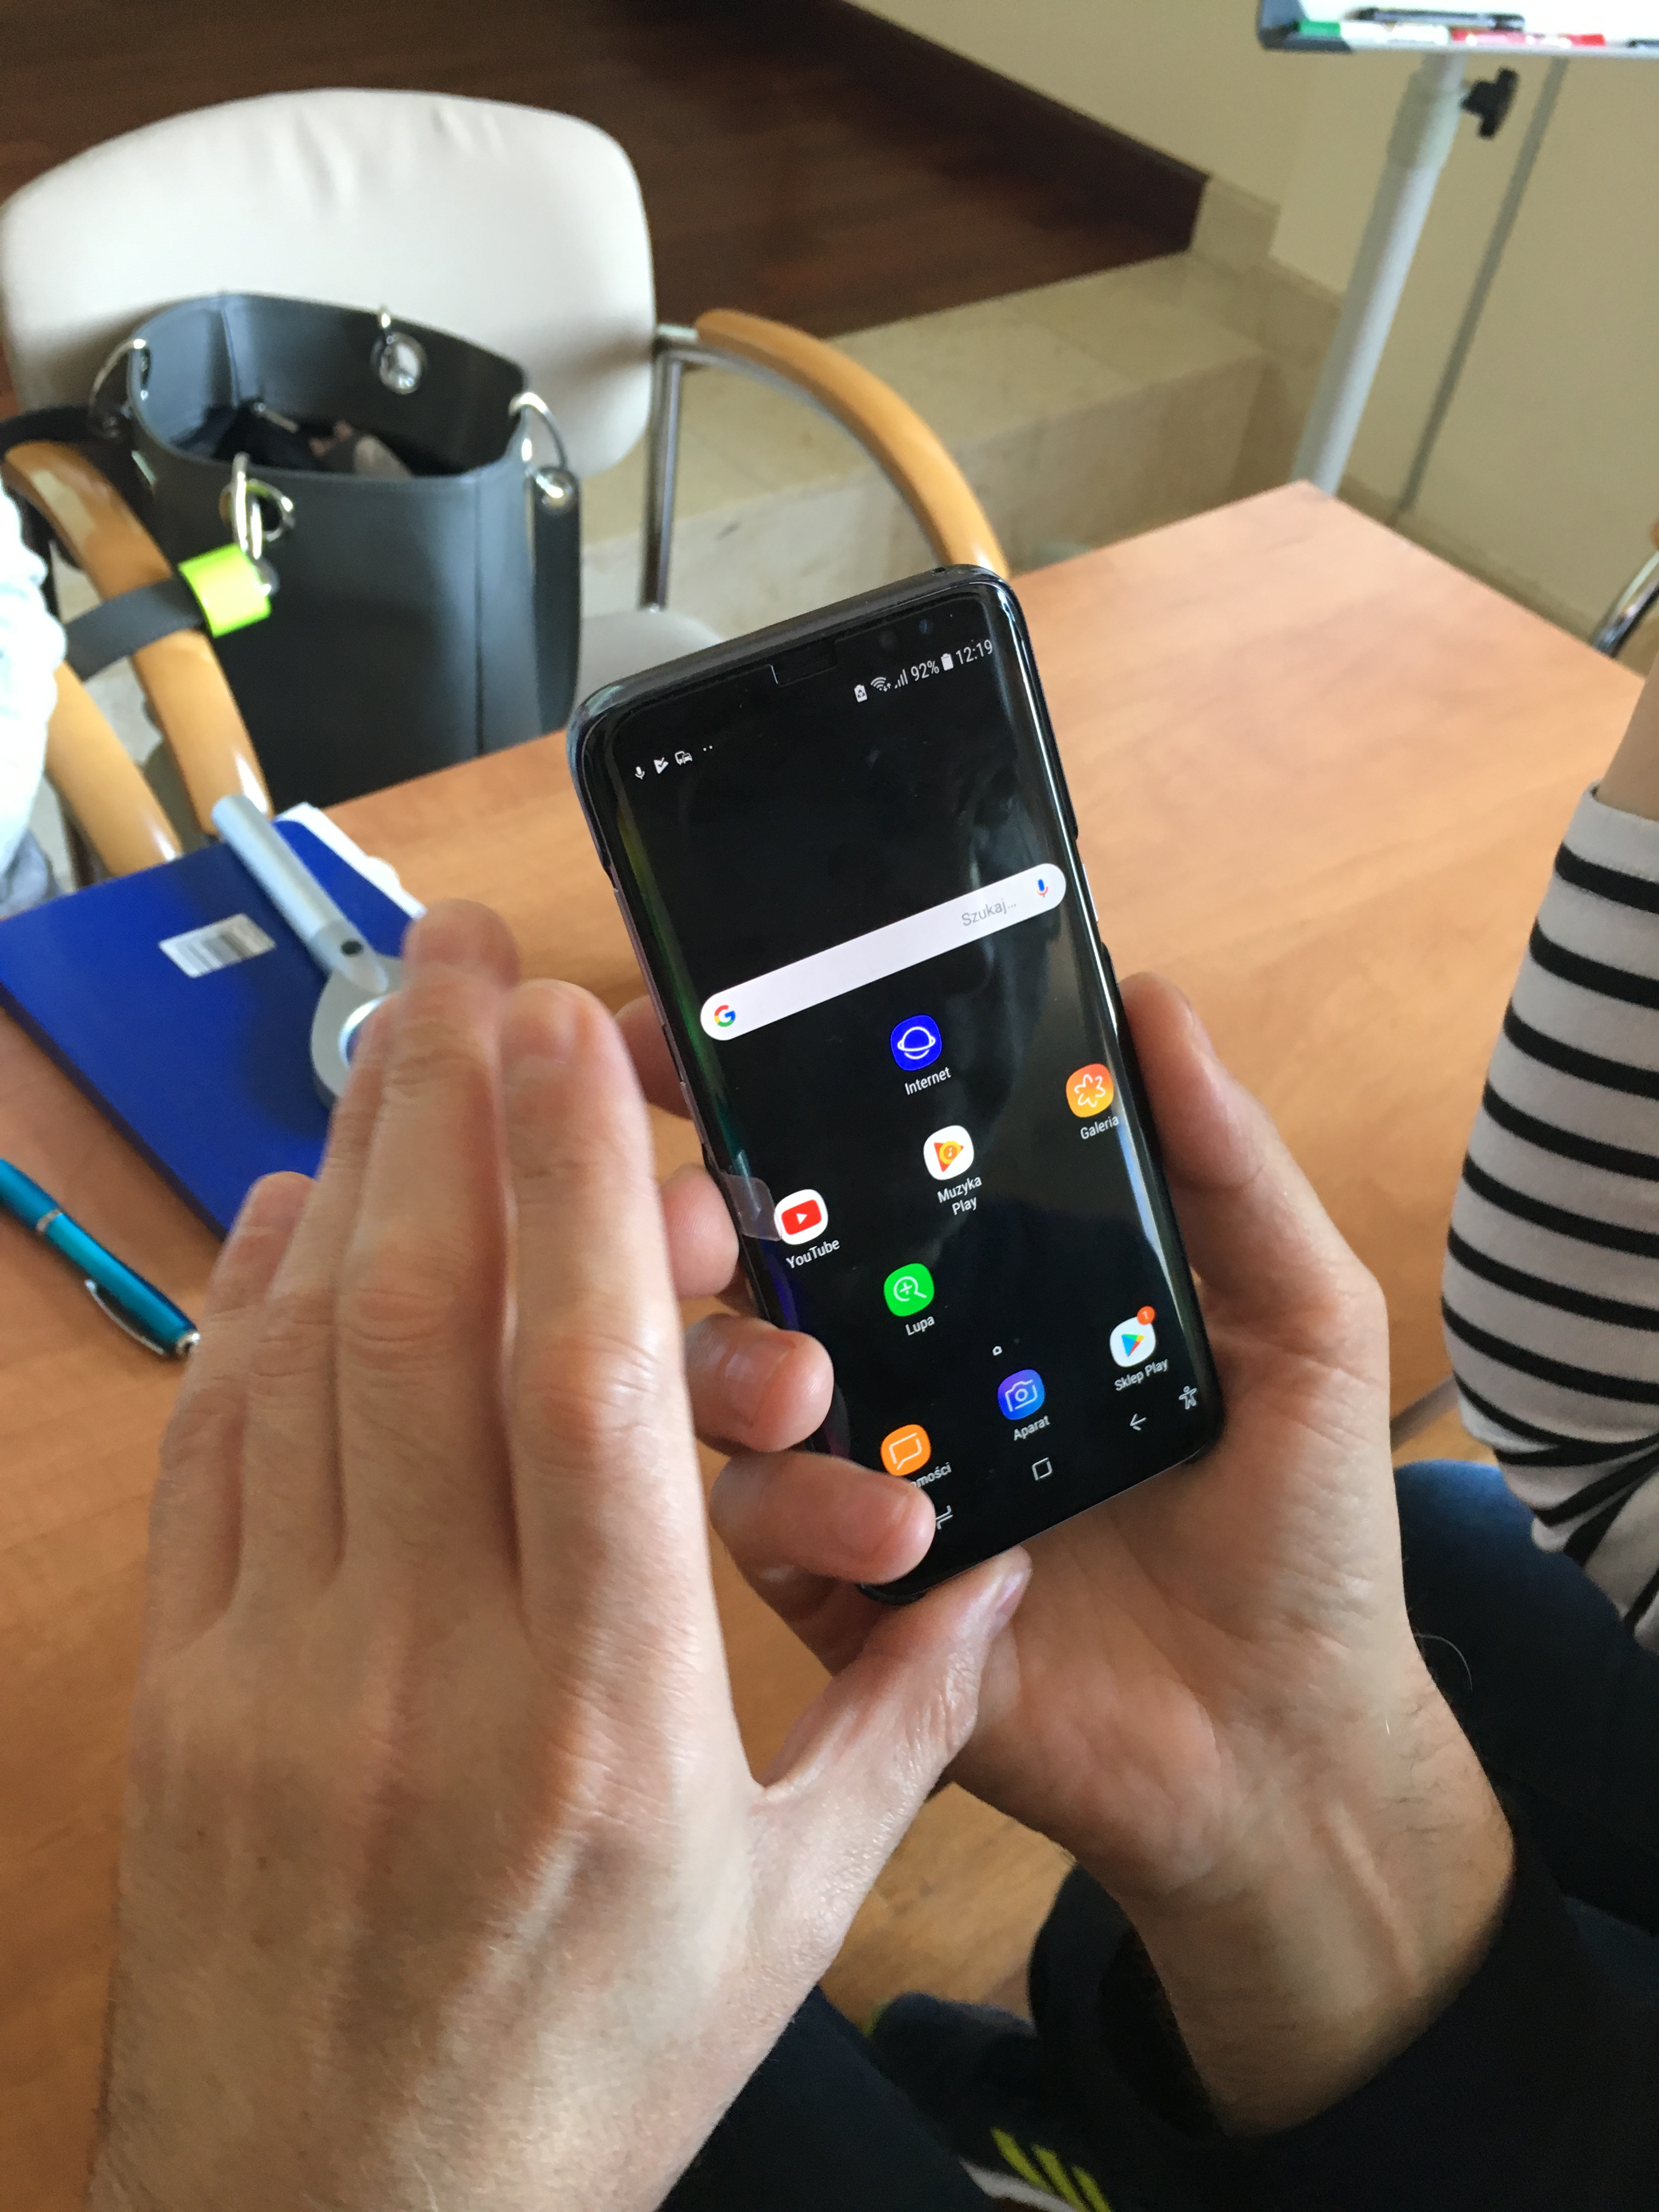 W zbliżeniu dwie dłonie trzymające czarny smartfon, nad jasnobrązowym stołem, na którym leżą niebieski długopis i etui.